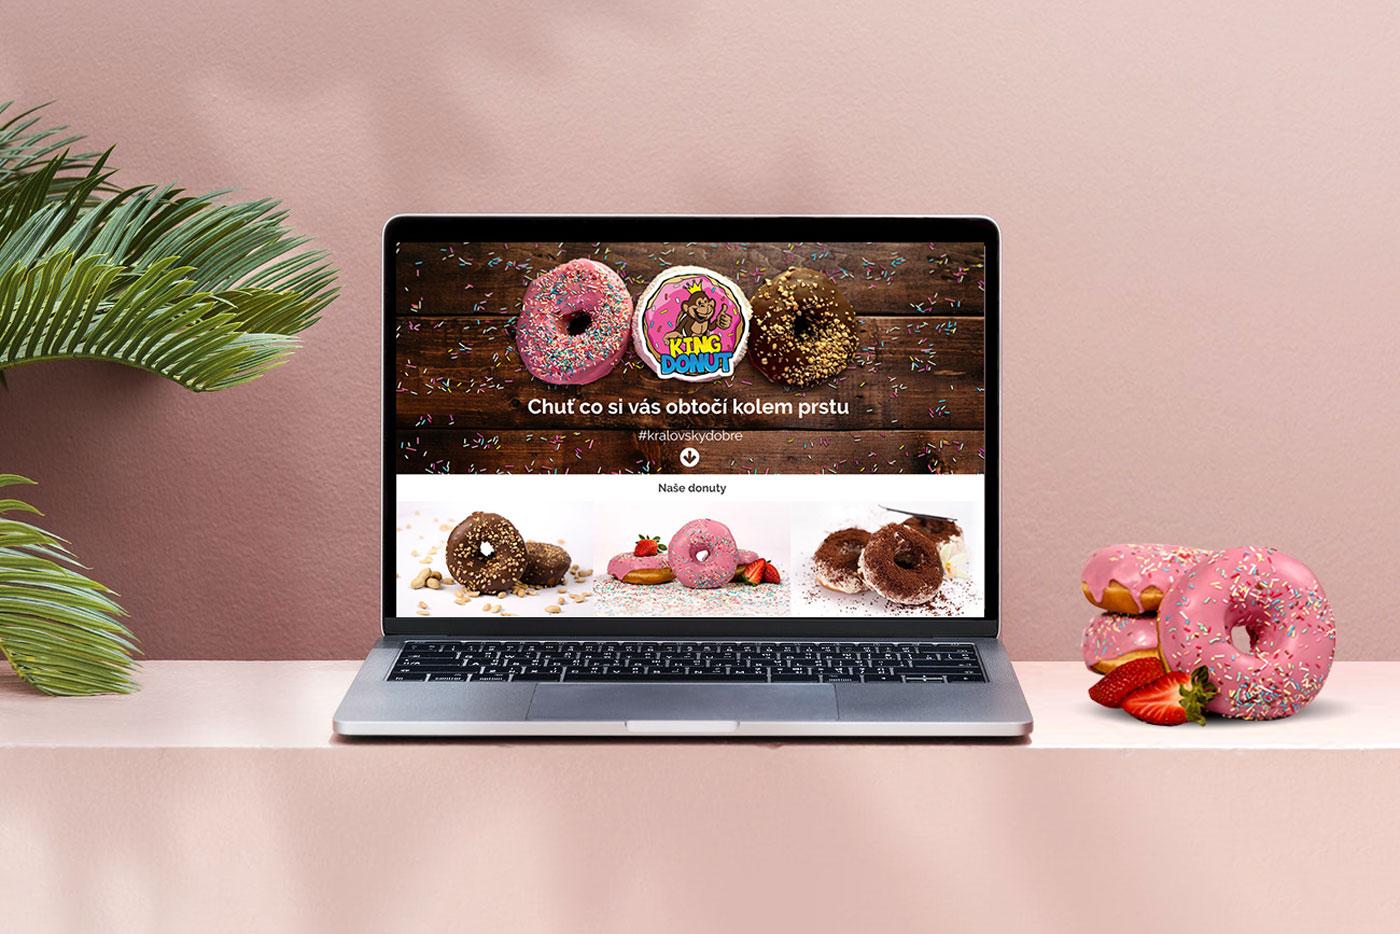 webove-stranky-king-donut